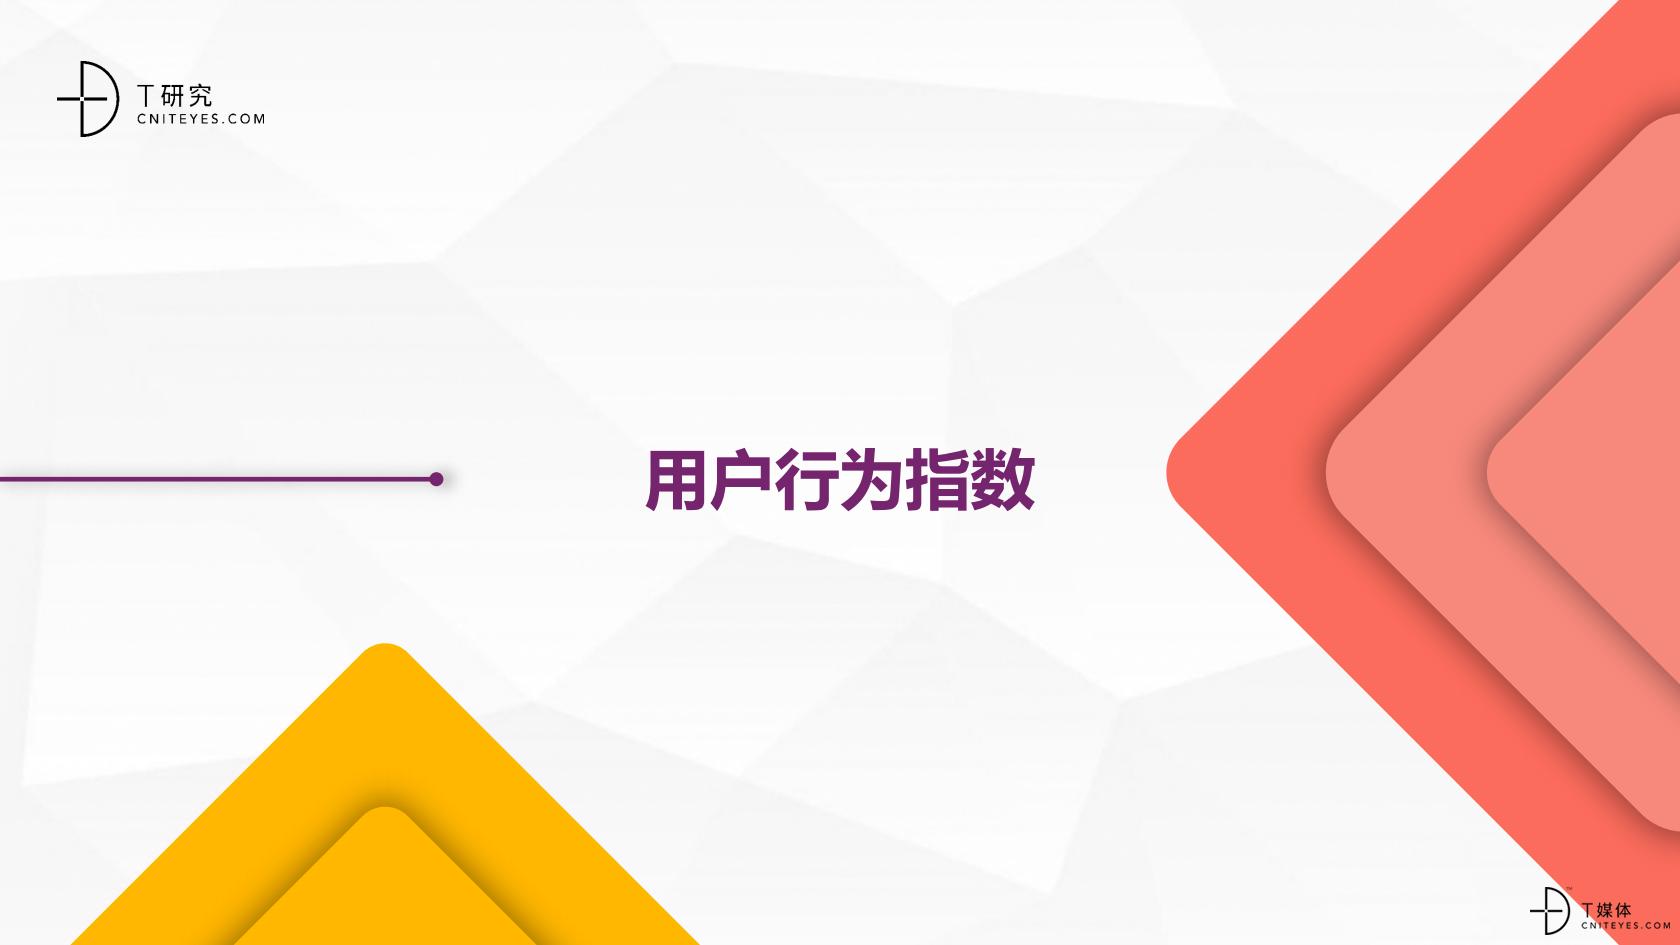 2_2020中国CRM指数测评报告v1.5_09.png